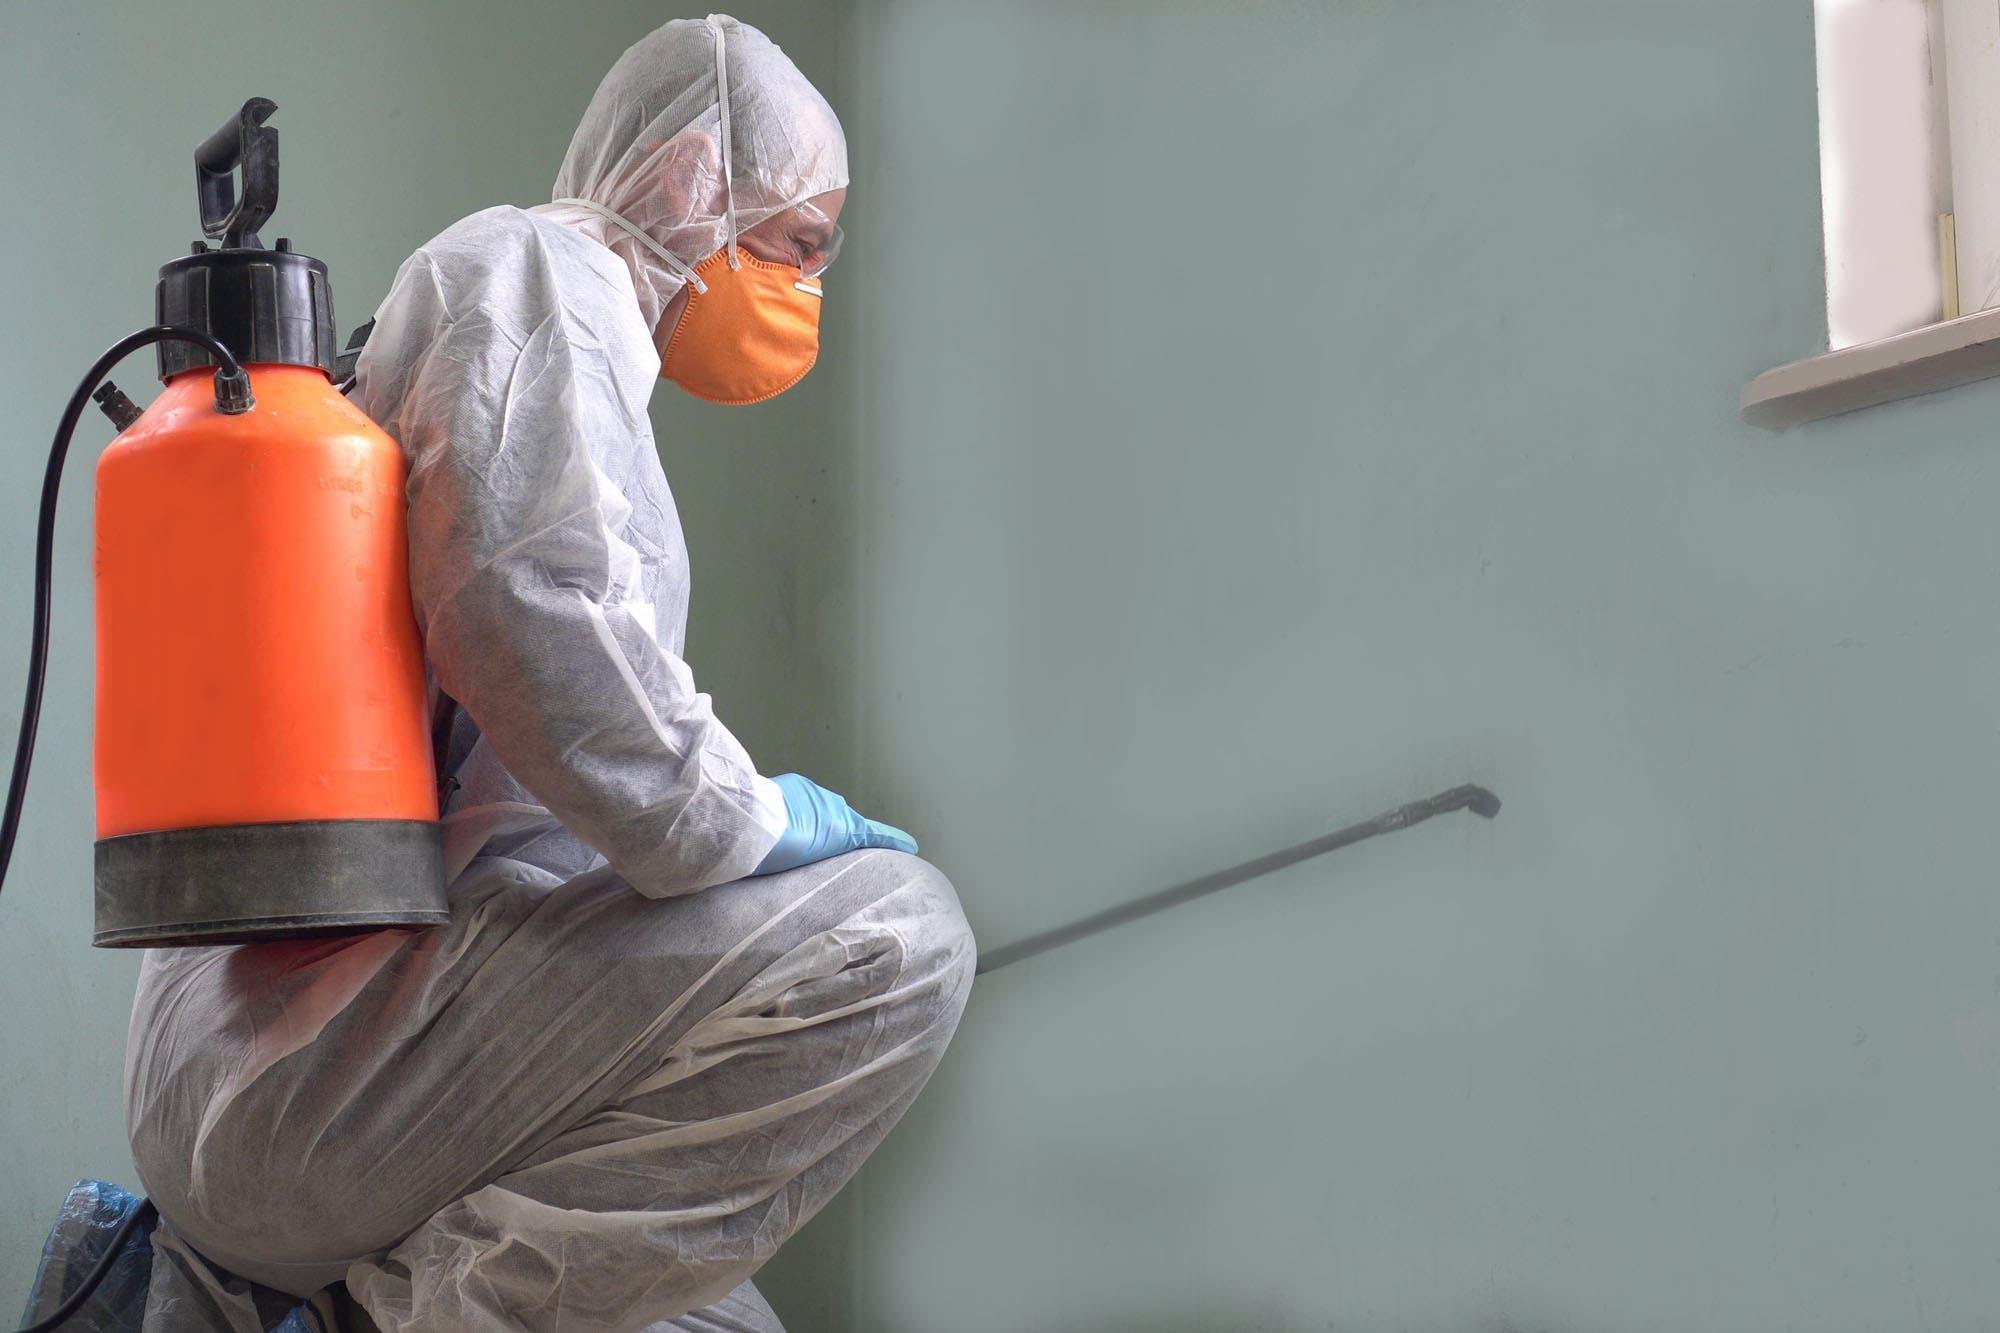 fumigacion-y-desinfeccion - fumigacion y desinfeccion peru